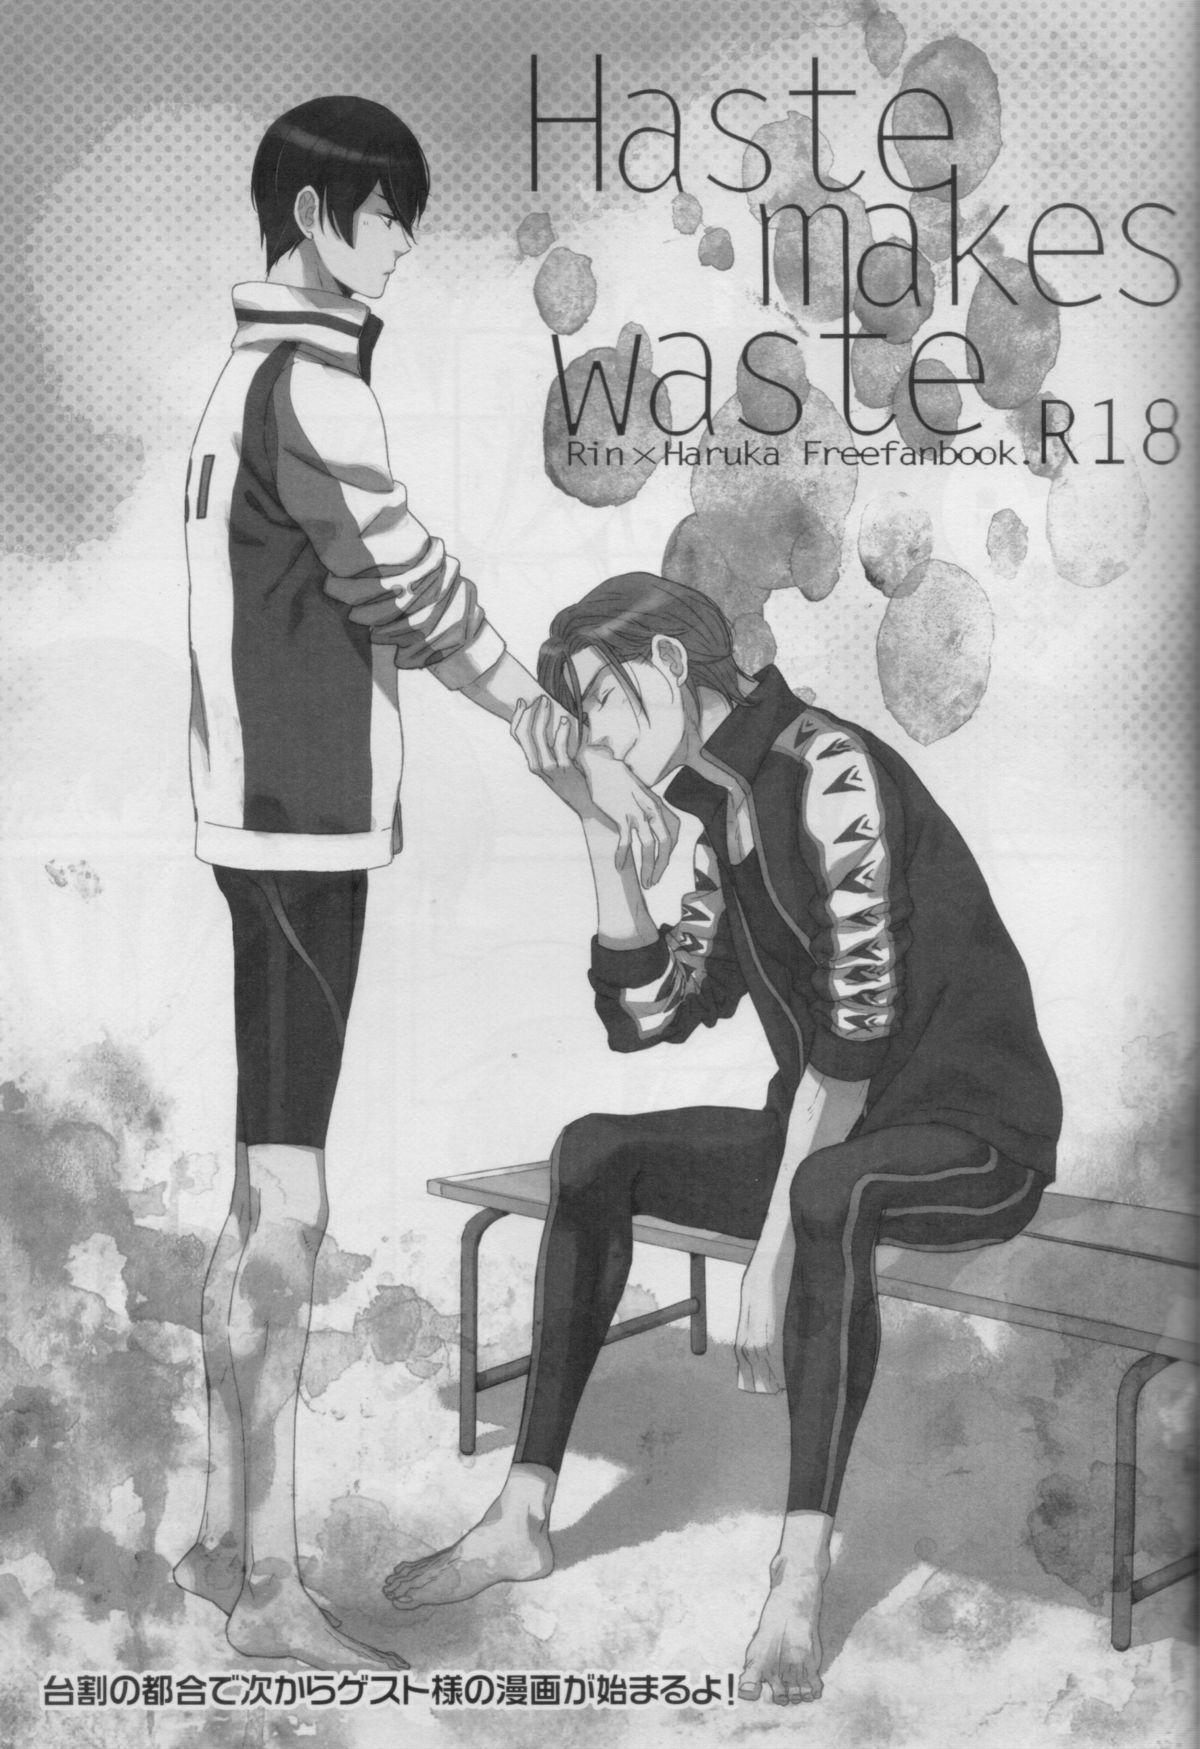 Haste makes waste 1